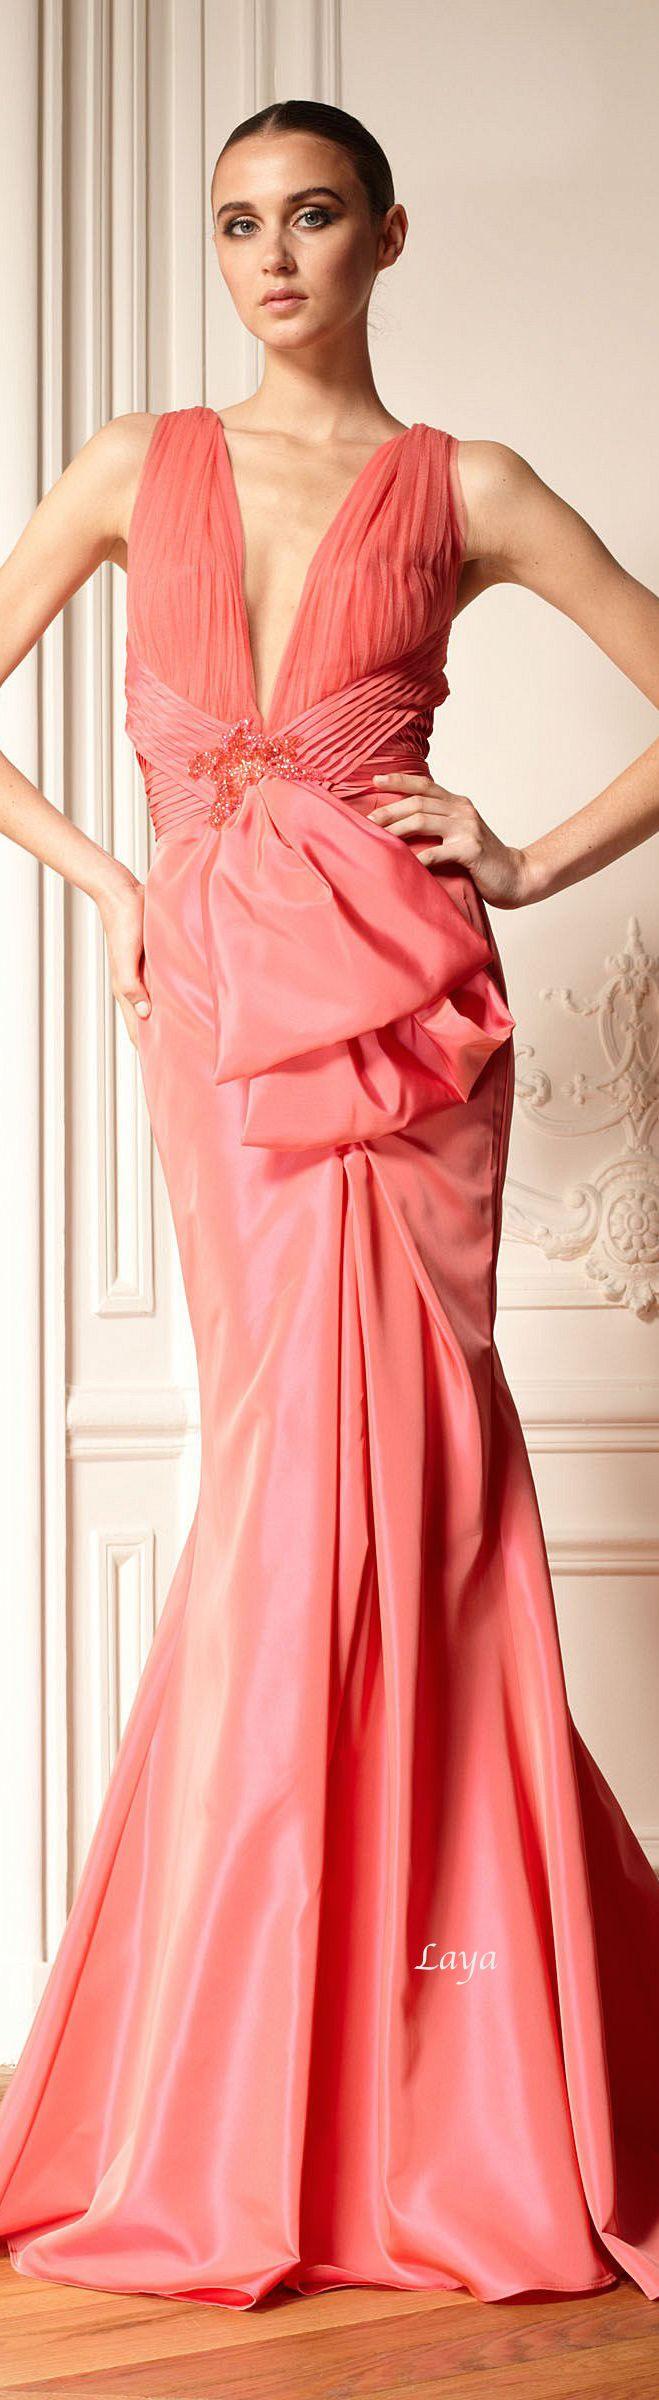 33 mejores imágenes de Peony Rice | Bridal Gowns en Pinterest ...